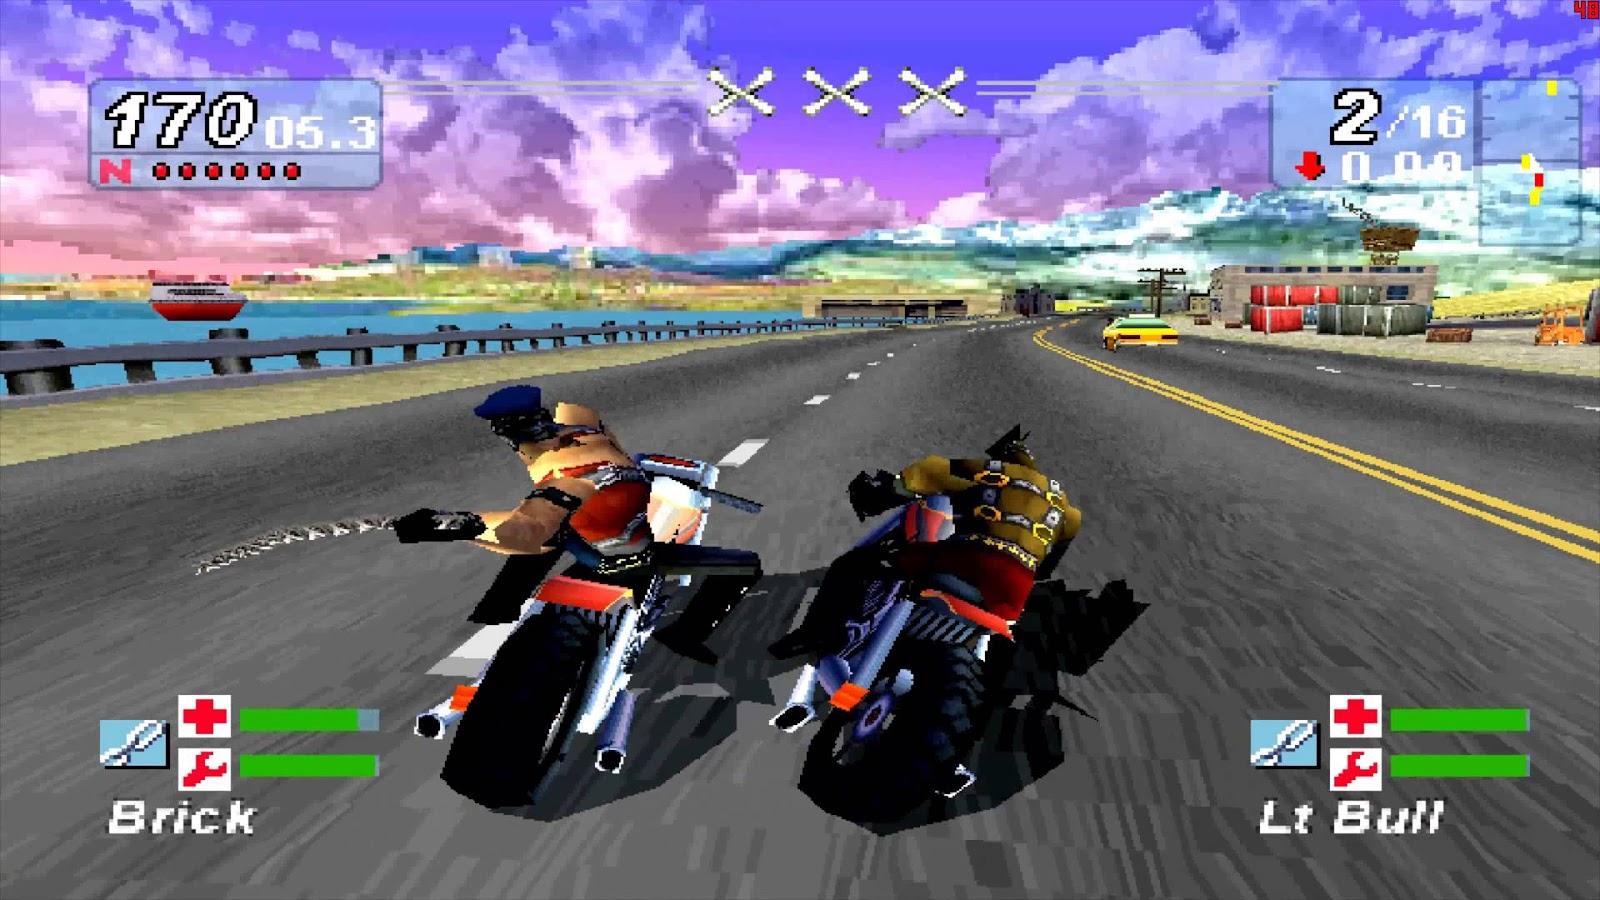 Nostalgia! Inilah 25 Game PS1 Yang Bikin Kita Kangen! | Handroidzku